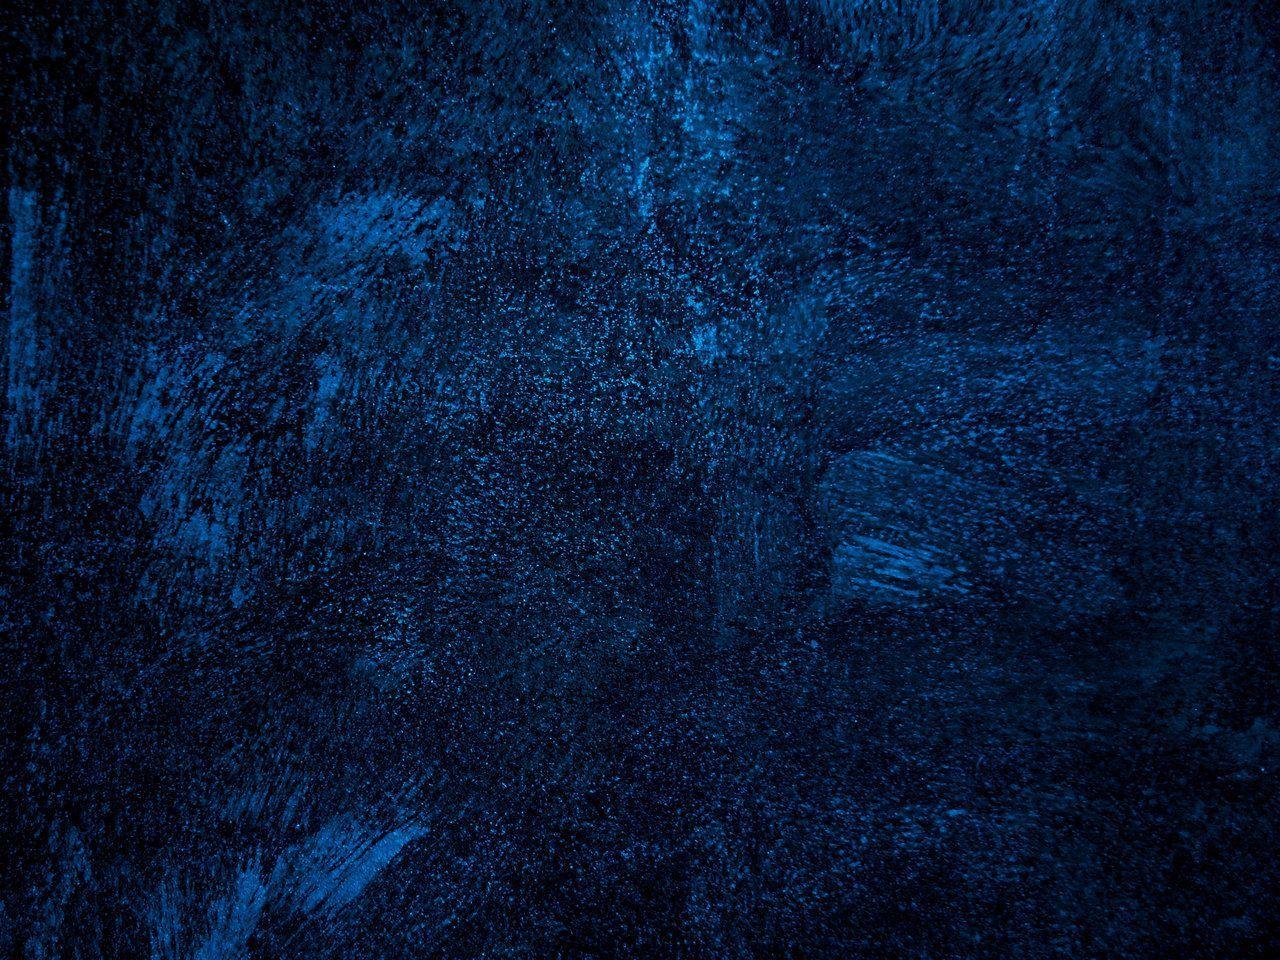 Dark Blue Background Texture Blue Background Wallpapers Blue Texture Background Blue Texture